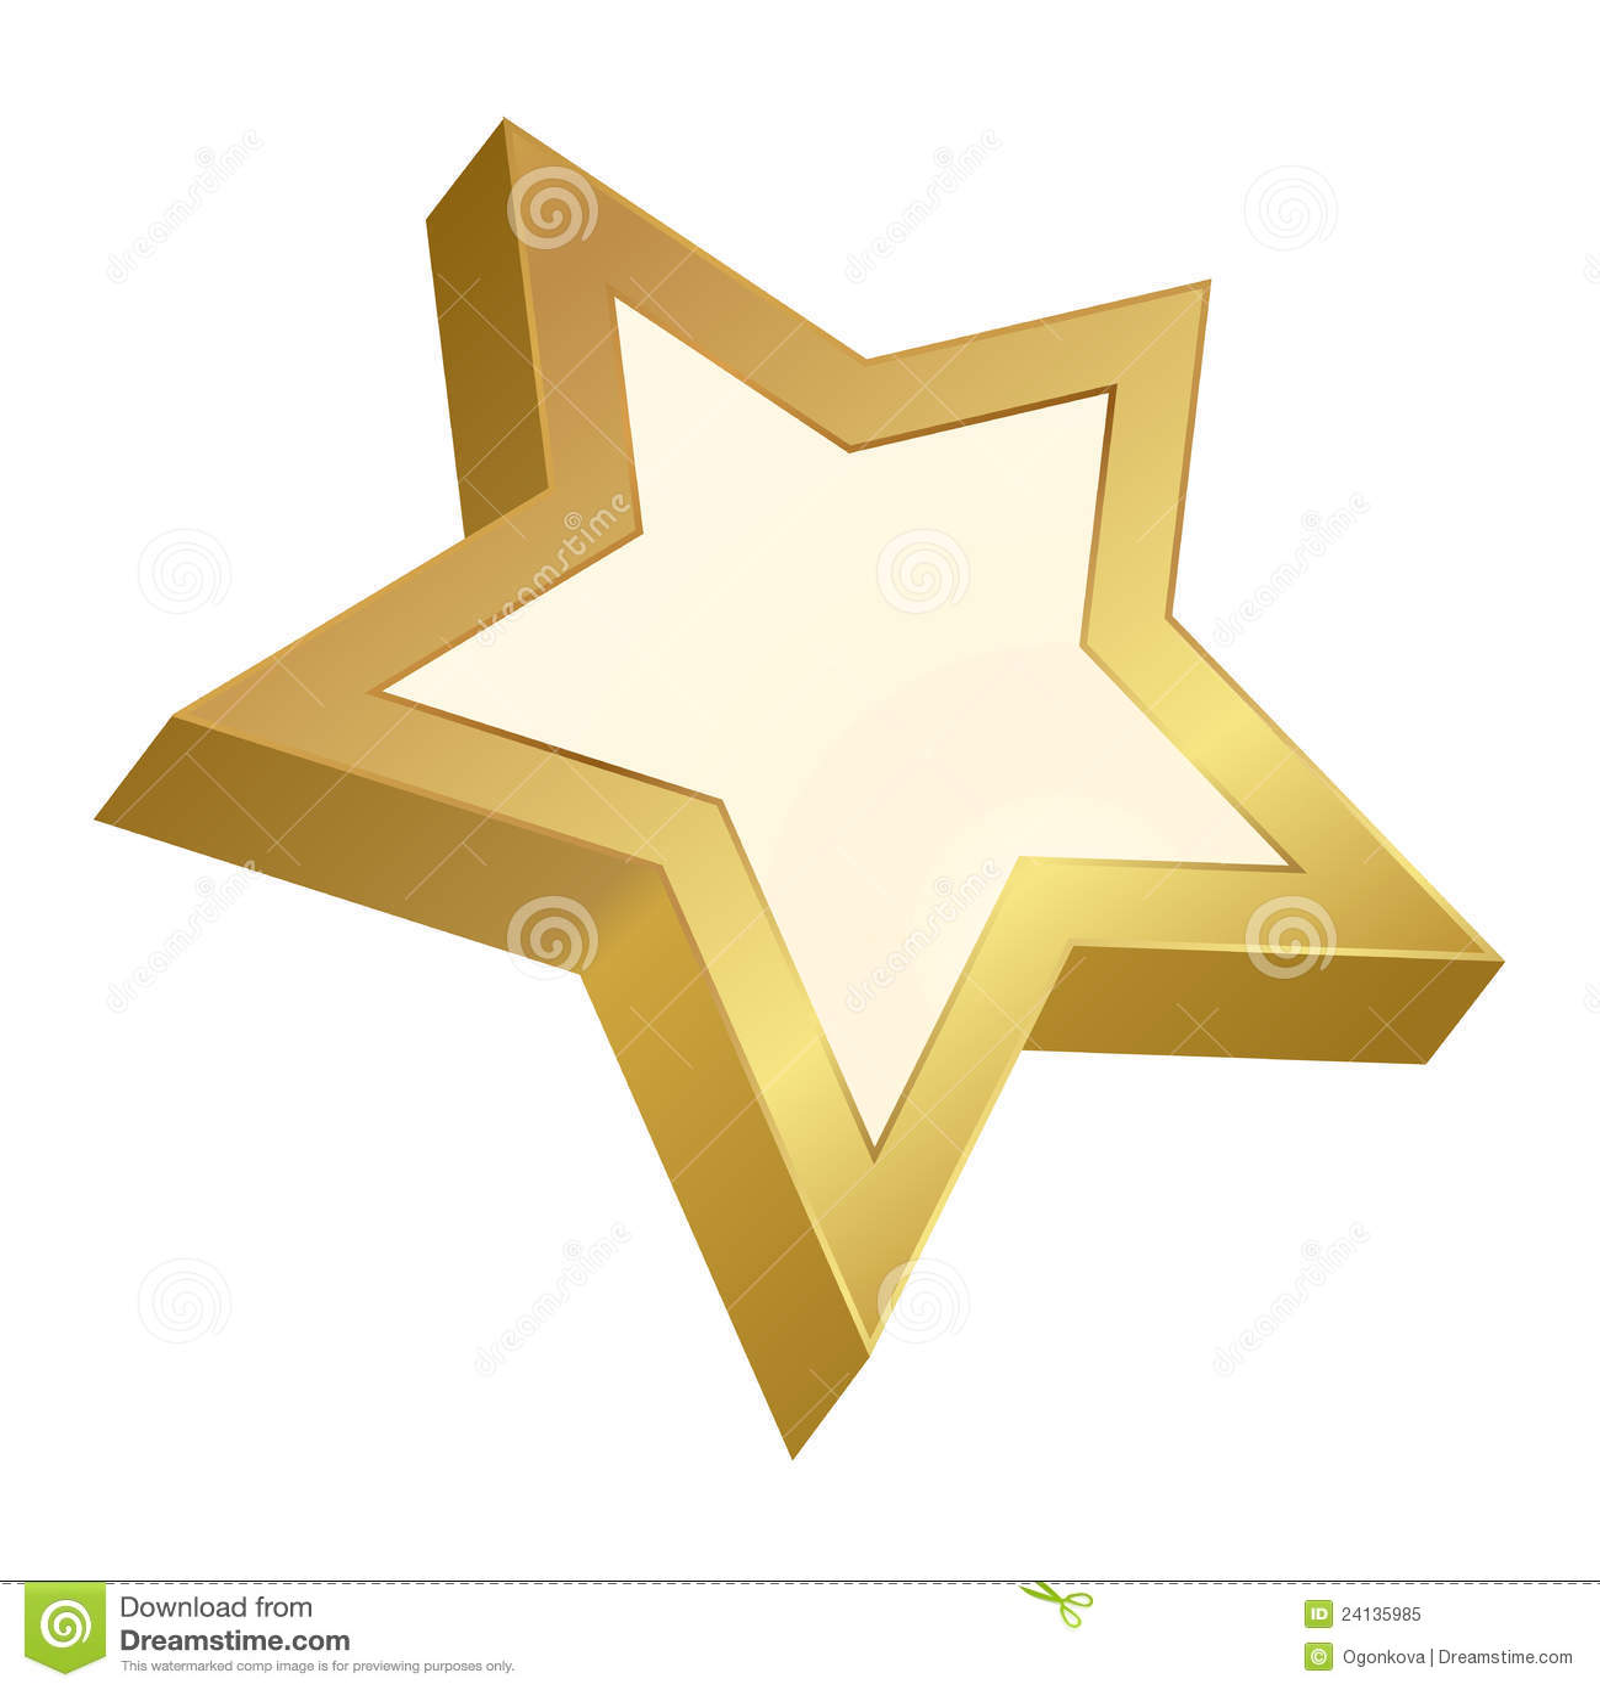 Adesivo De Estrela Dourada ~ Estrela dourada ilustraç u00e3o do vetor Imagem de vazio 24135985